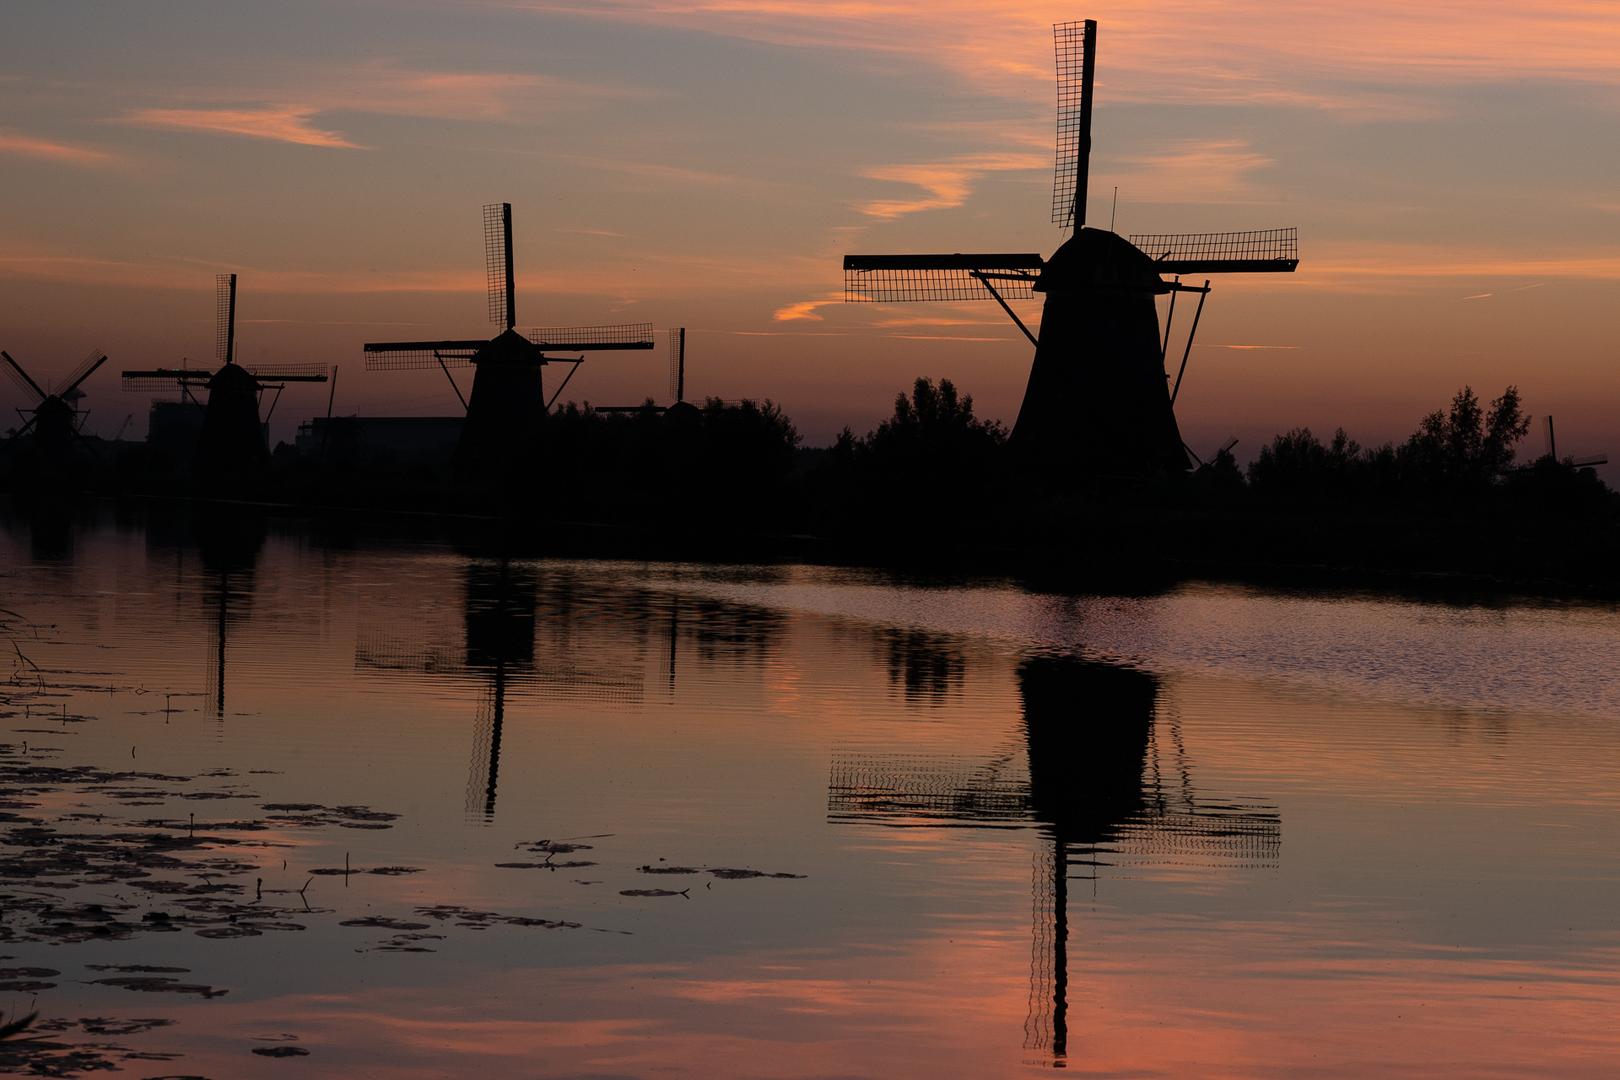 Mühlen 6, 7 und 8 Kinderdijk NL